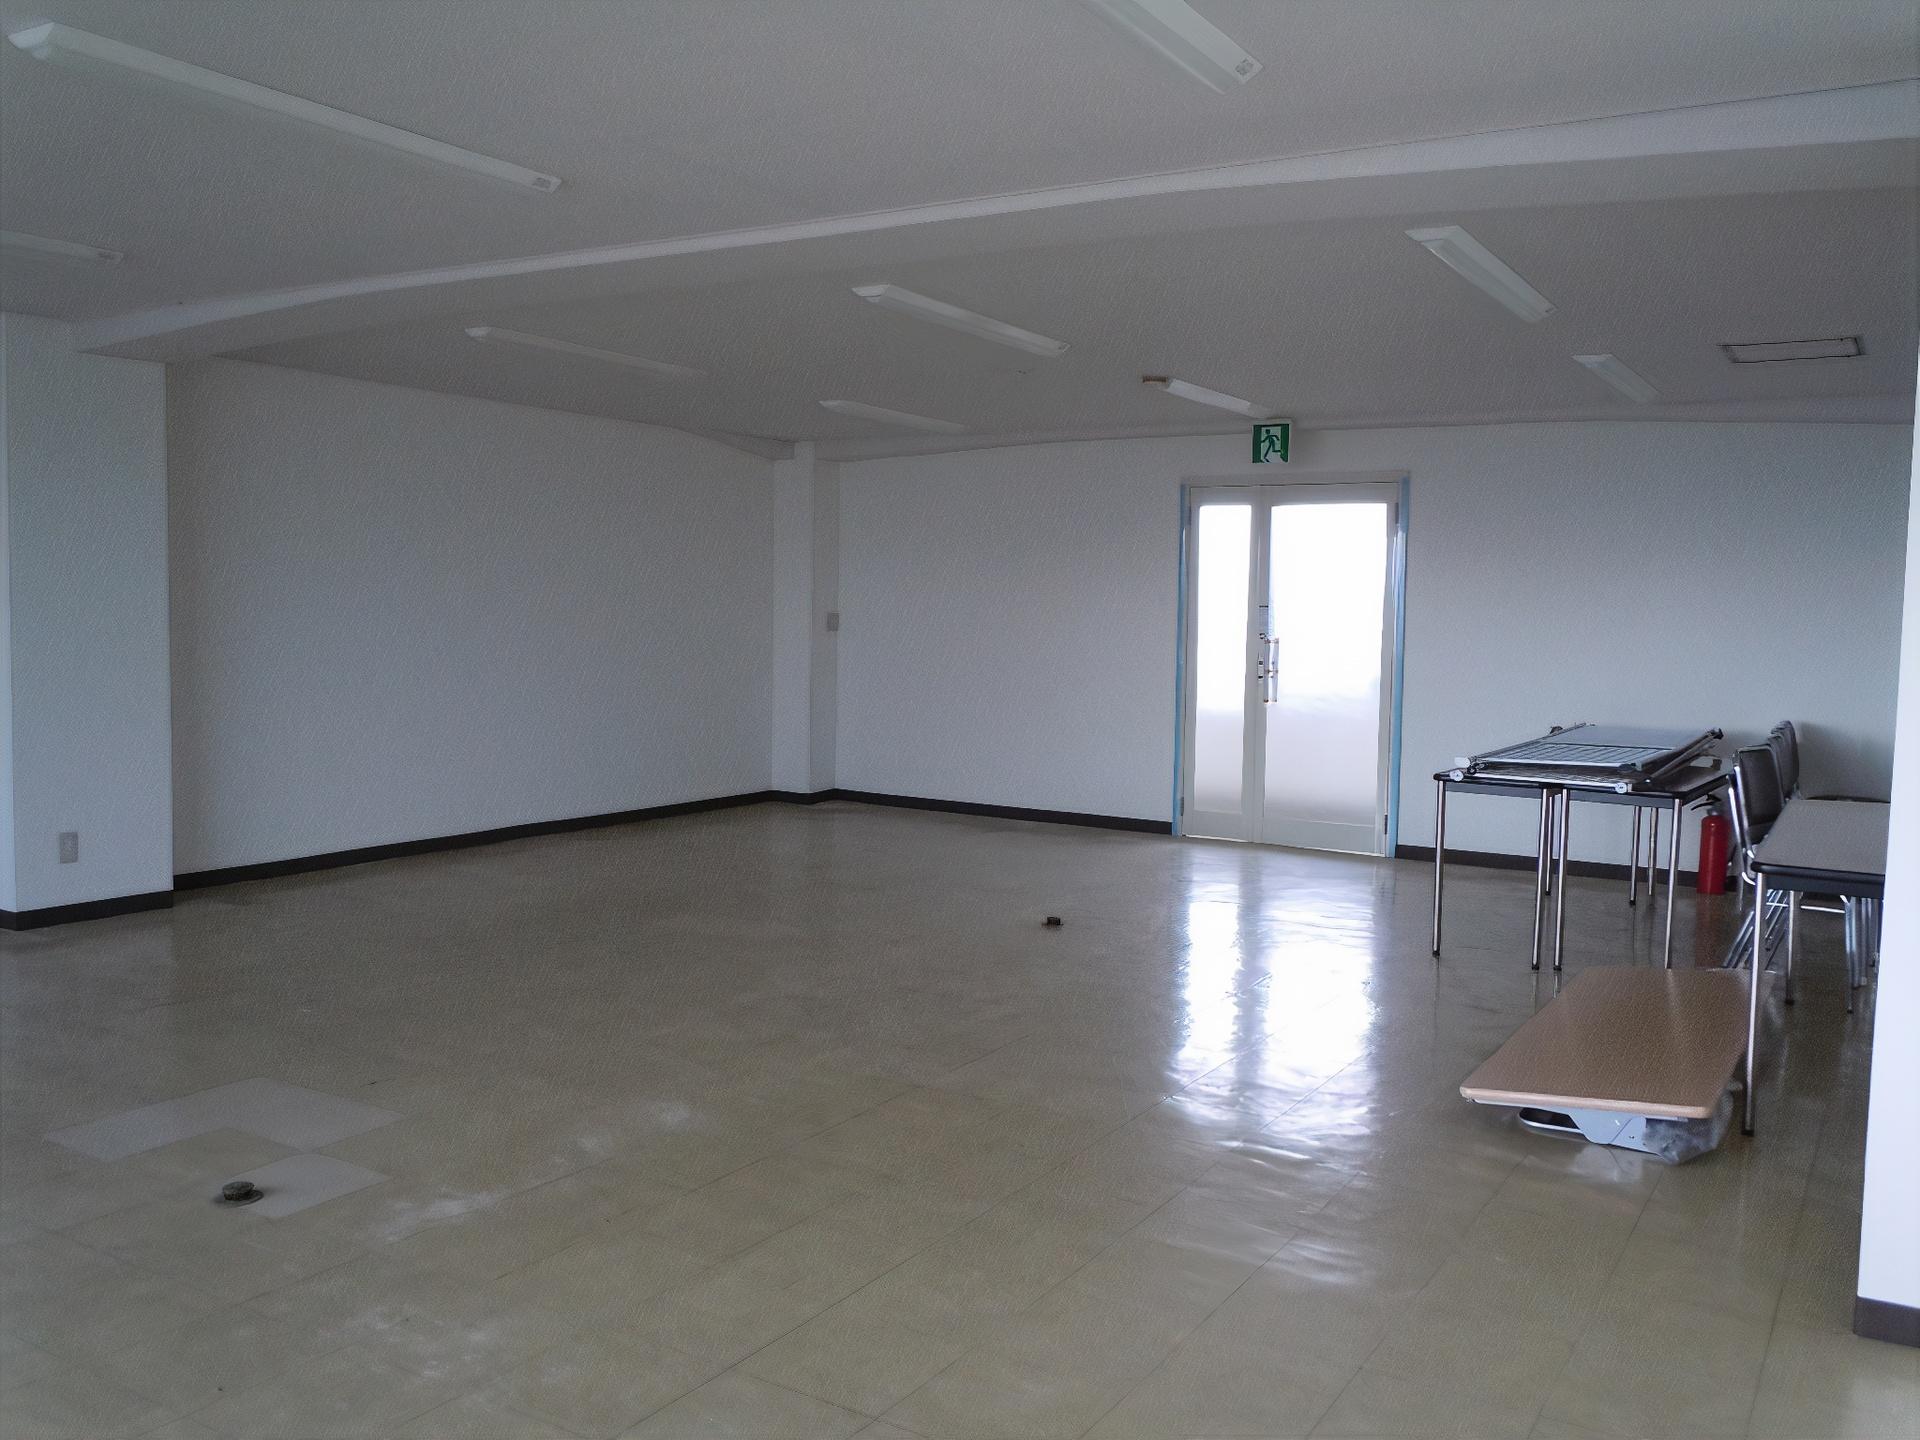 川商第1ビル 3F B室